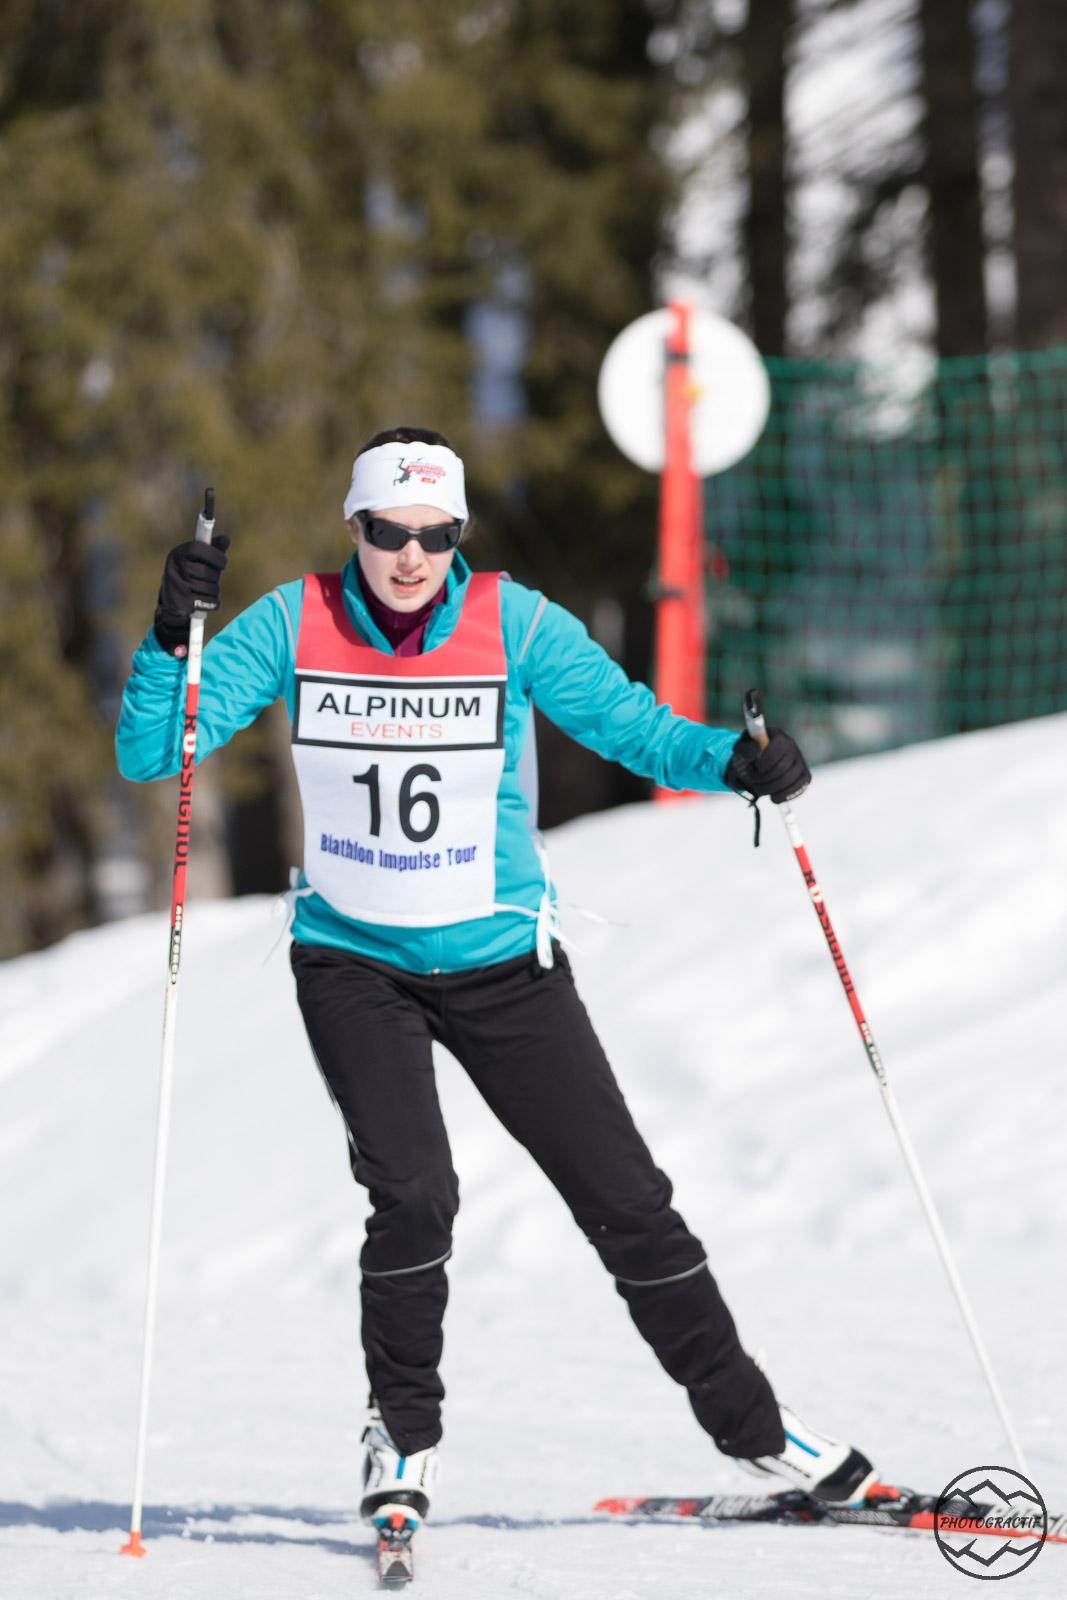 Biathlon Alpinum Les Contamines 2019 (43)